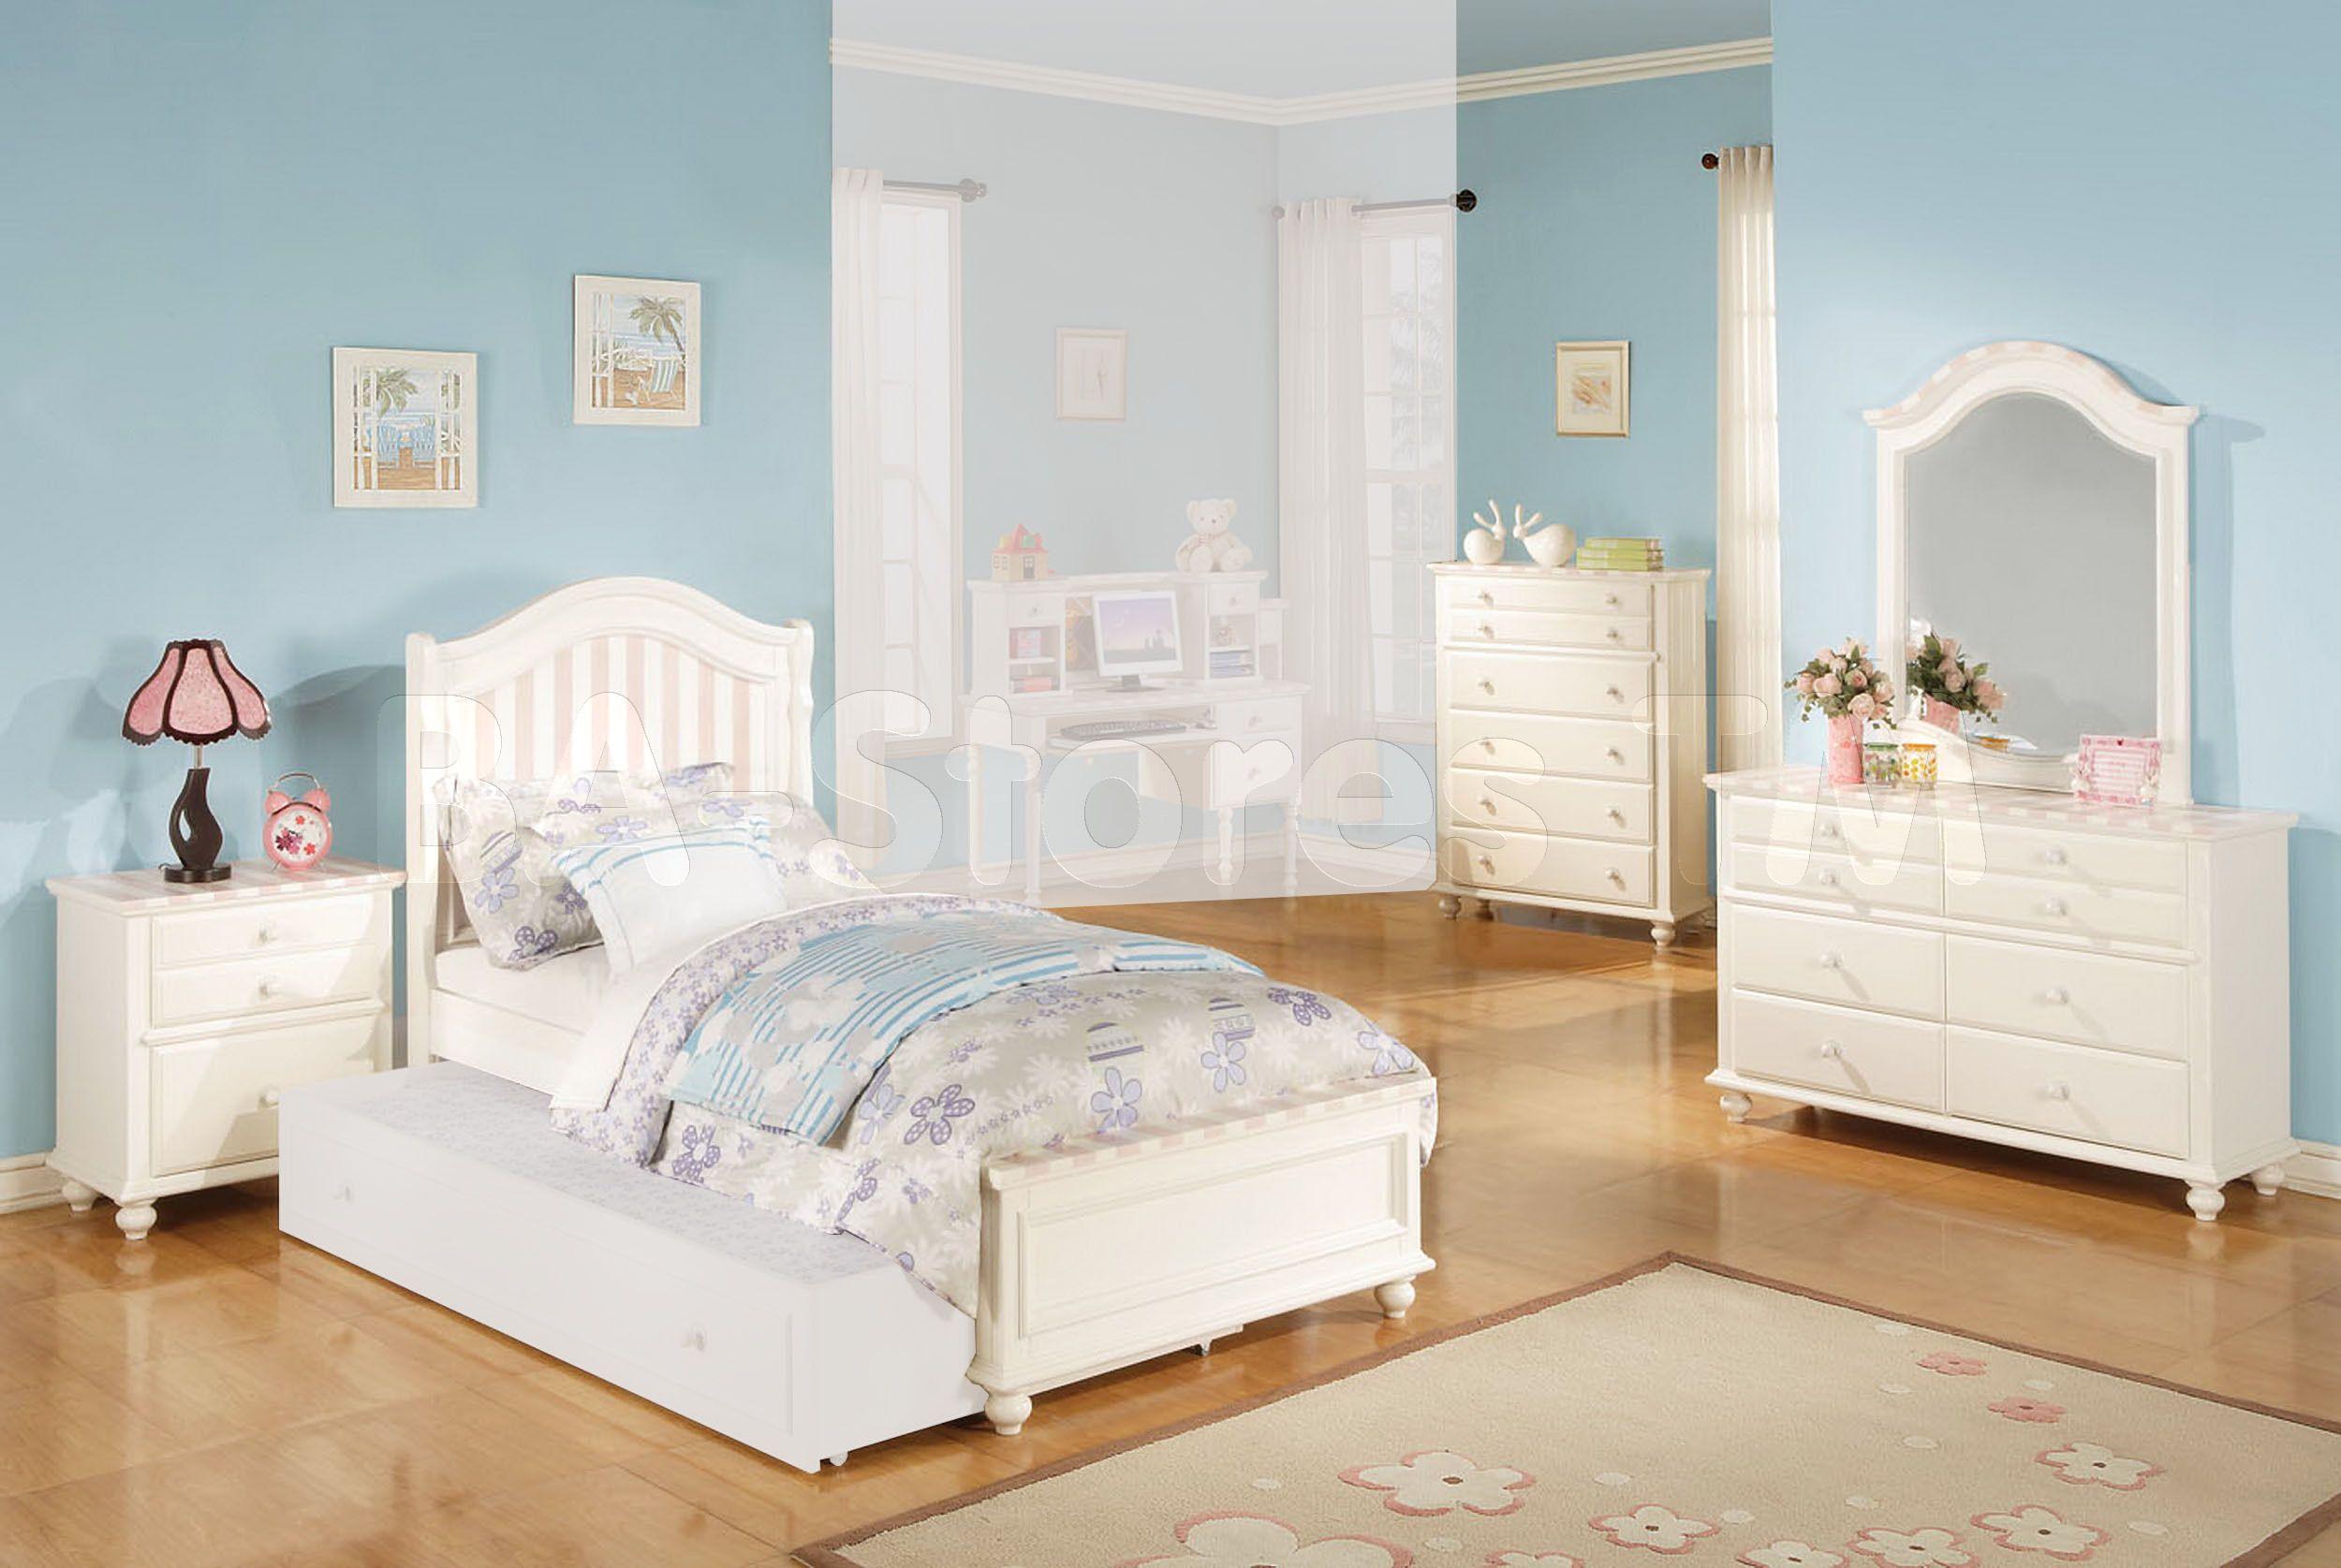 Beste Weiße Schlafzimmer Möbel für Kinder Ideen